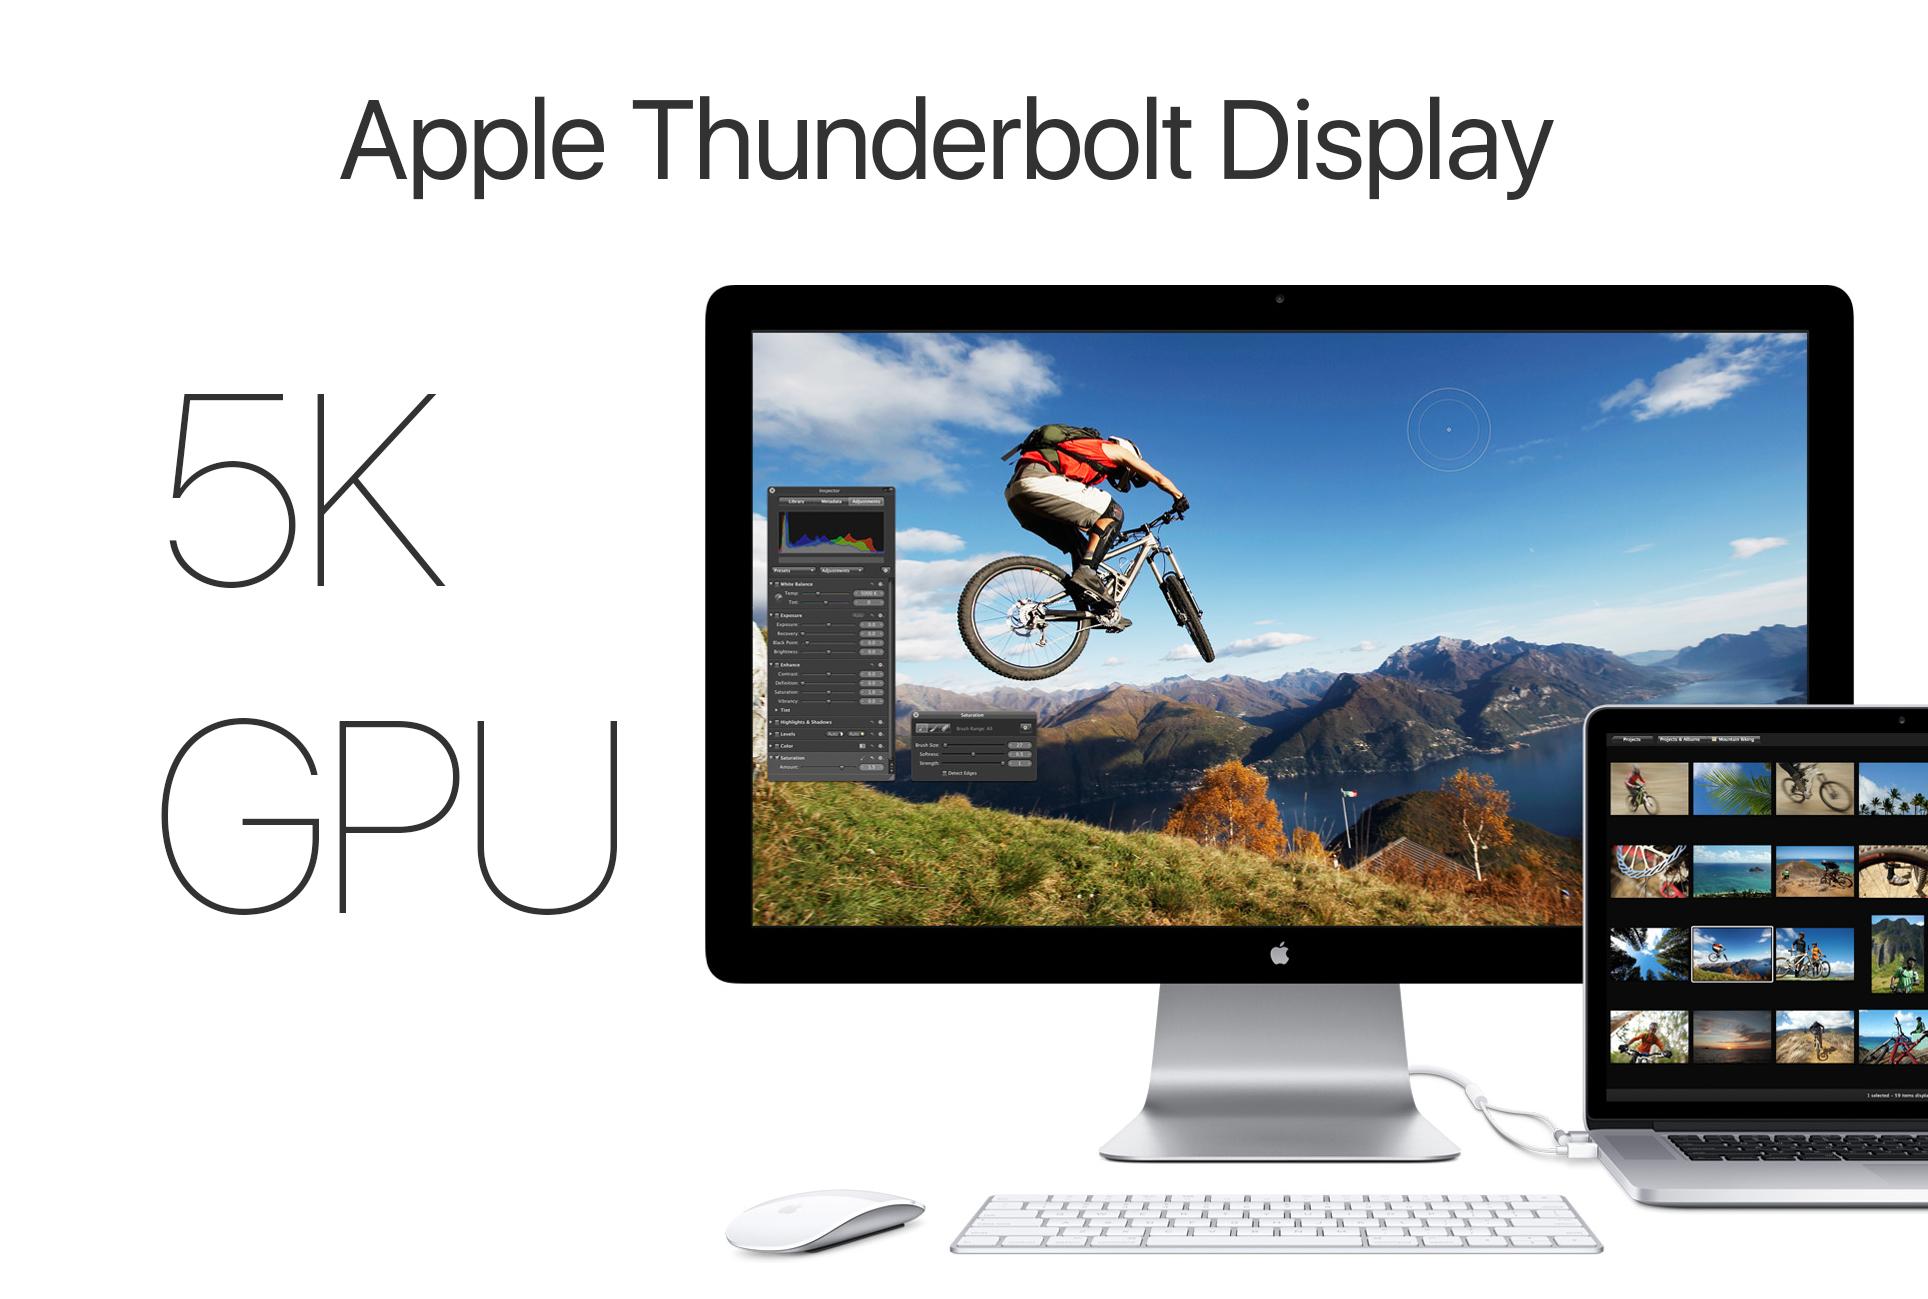 apple_thunderbolt_display_5k_gpu_2016